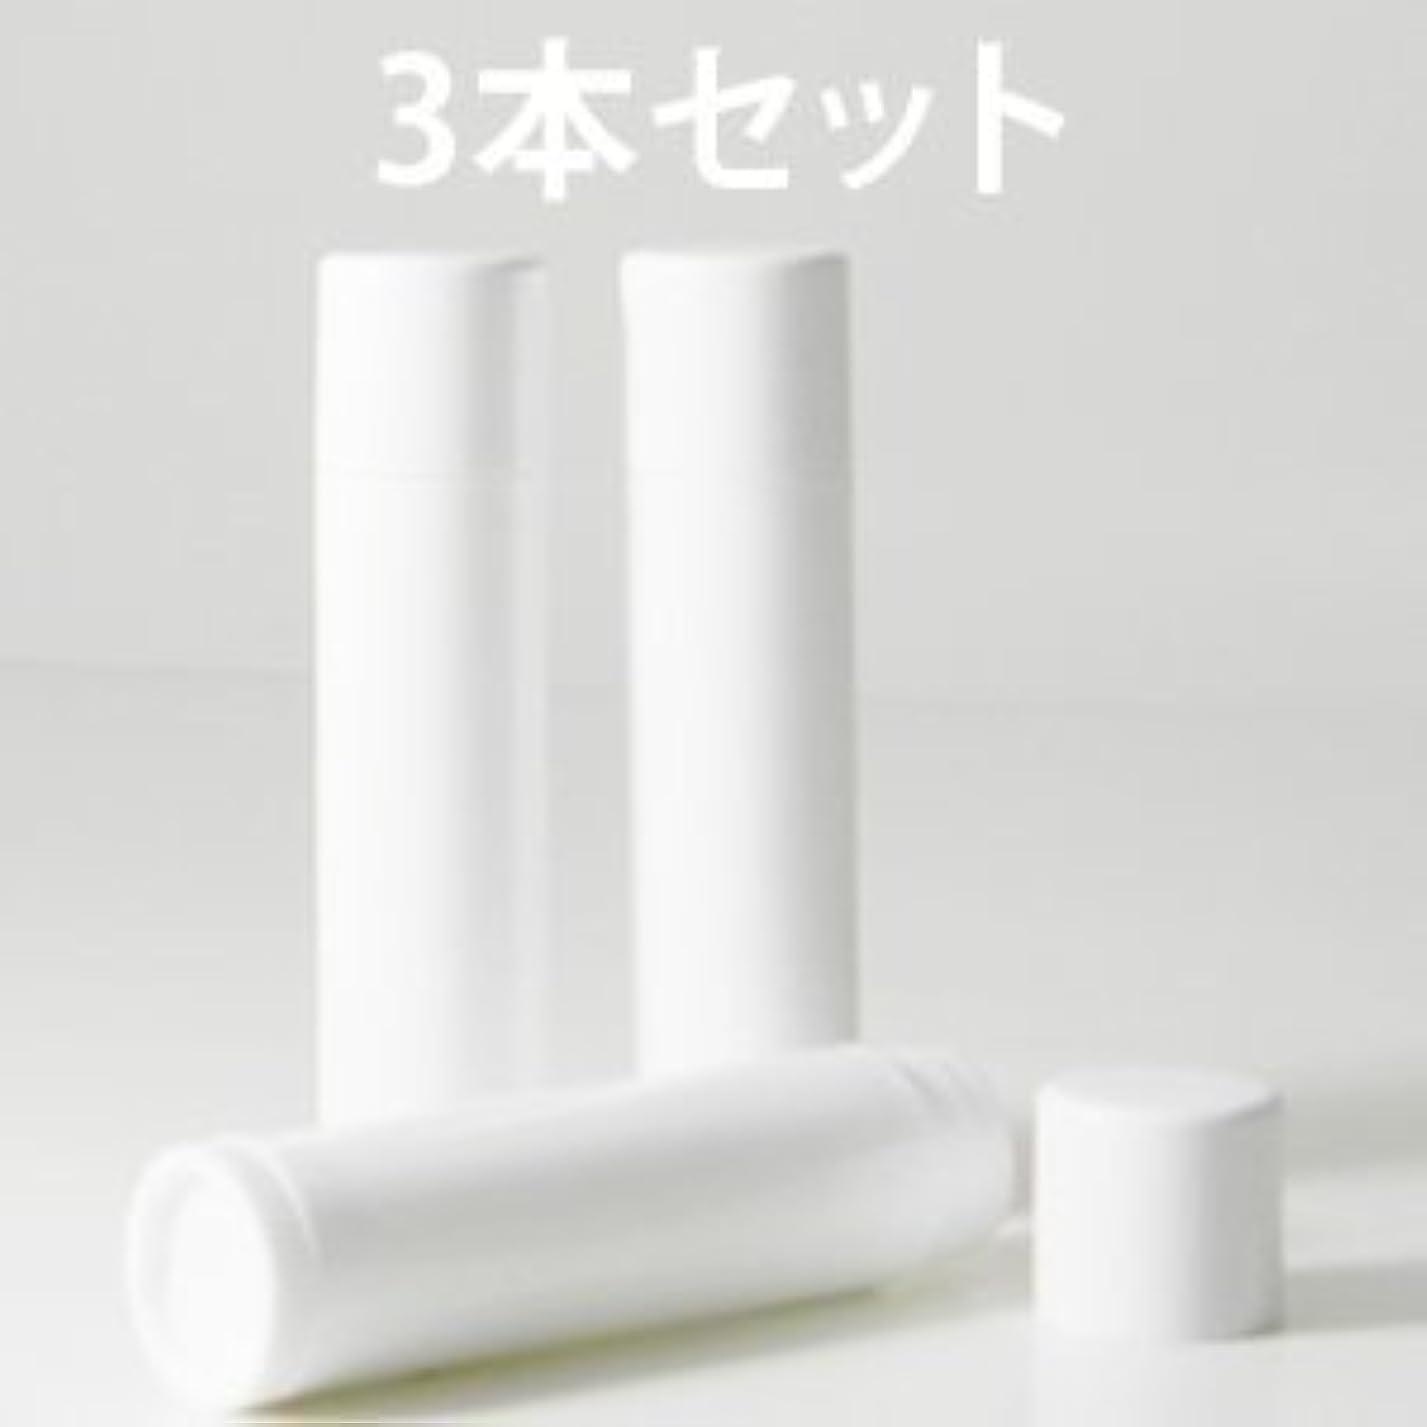 入口十服を洗うリップバームチューブ (ホワイト) 3本セット 【手作り化粧品容器】